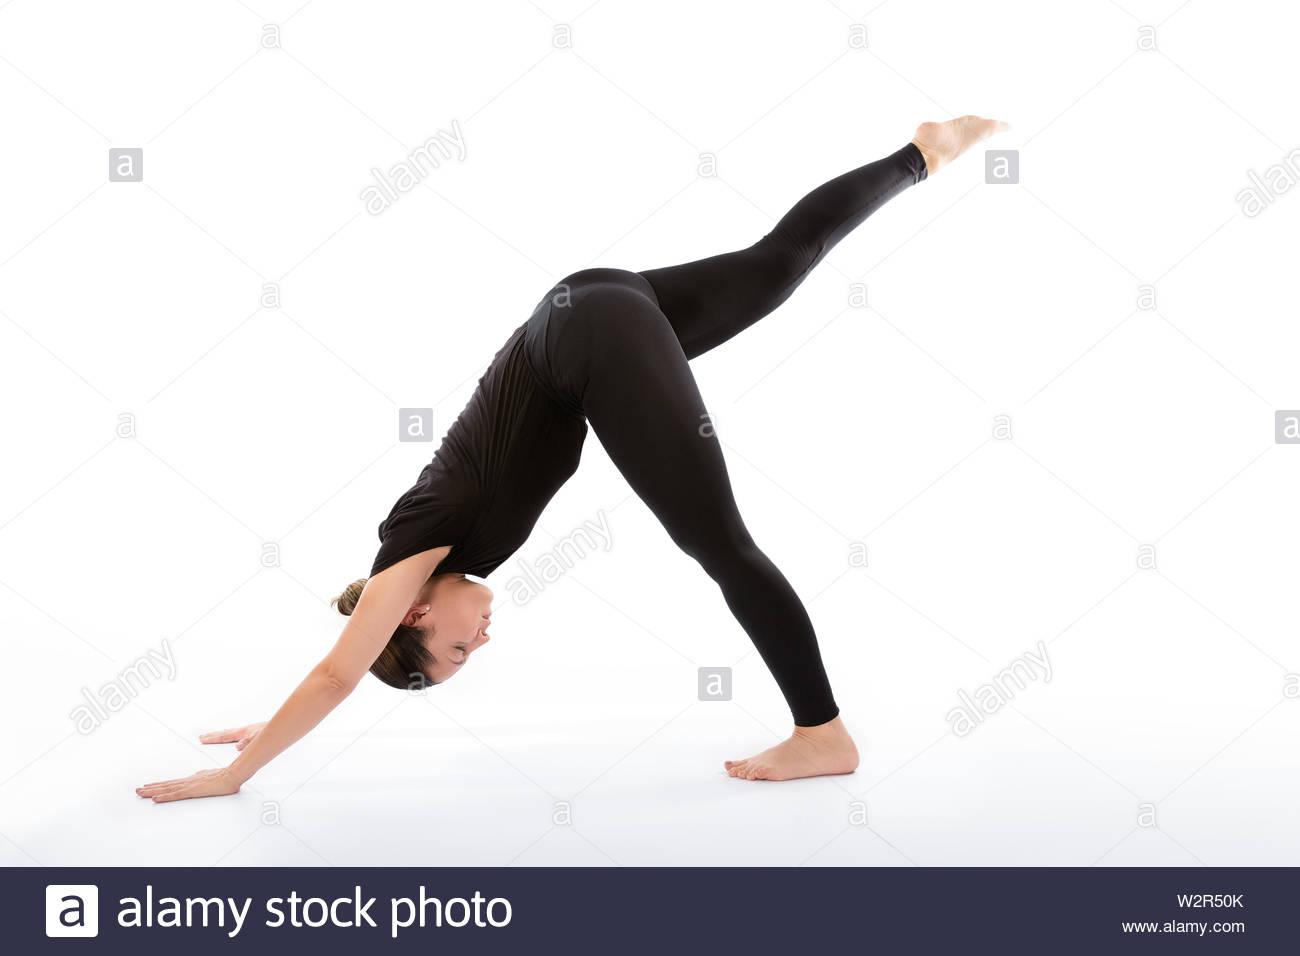 Eka Pada Adho Mukha Svanasana pose (Downward facing dog split). Yoga poses woman isolated with white background. Yoga pose set. Mindfulness and Spirit - Stock Image